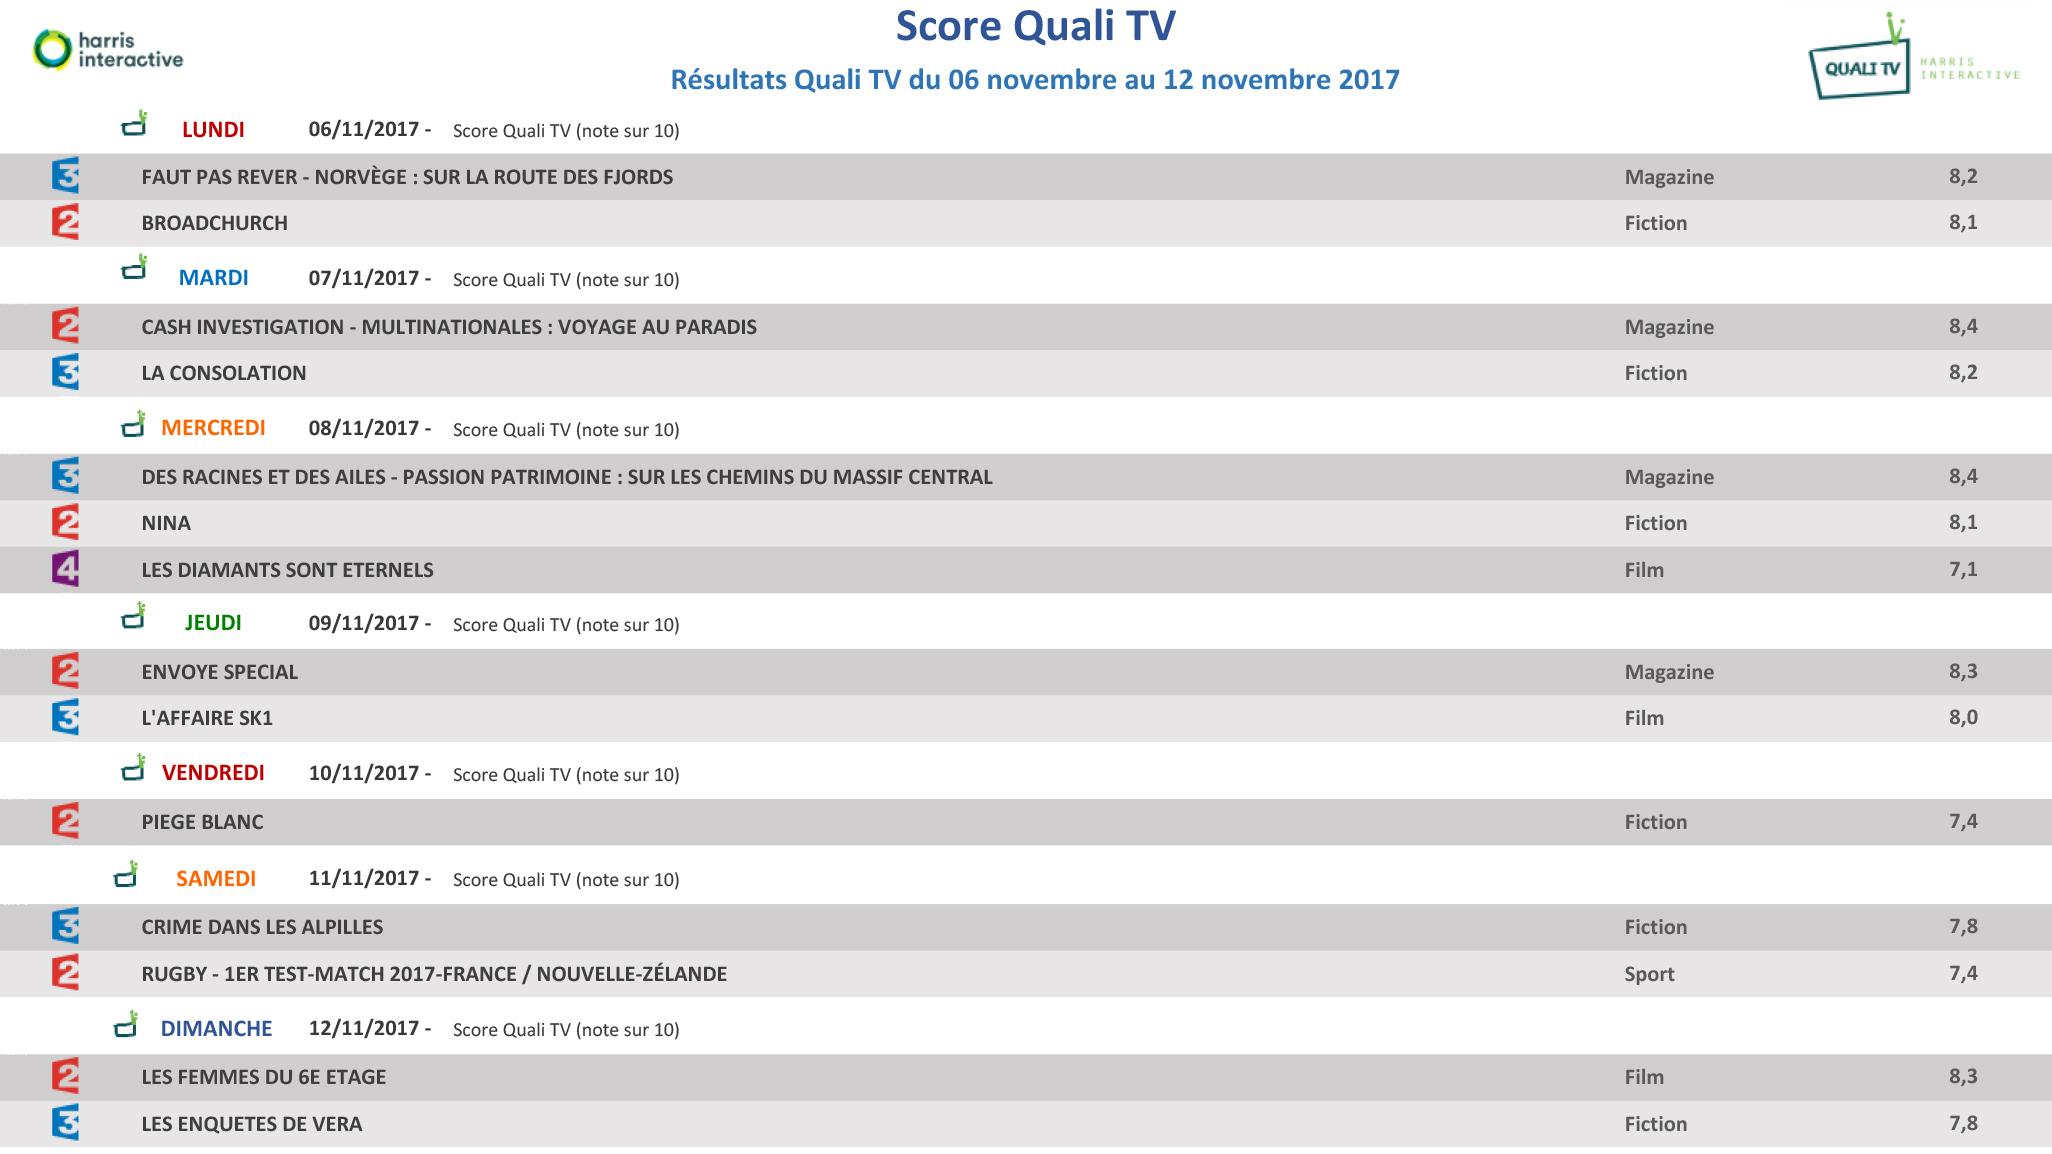 Quali TV- 06-12-novembre-2017-2